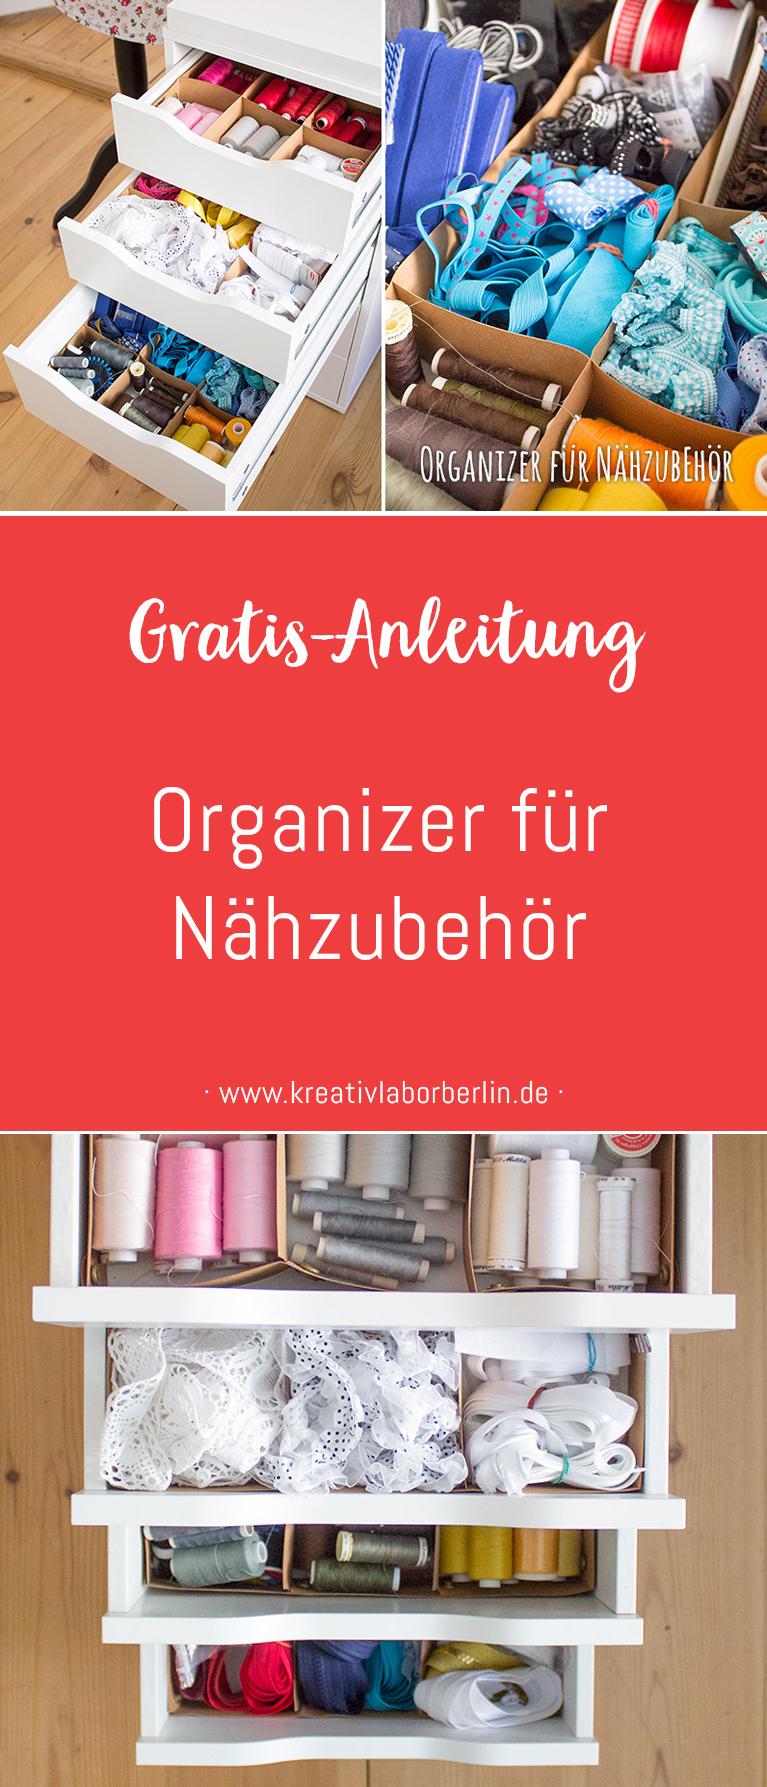 Kostenlose Anleitung Organizer für Nähzubehör